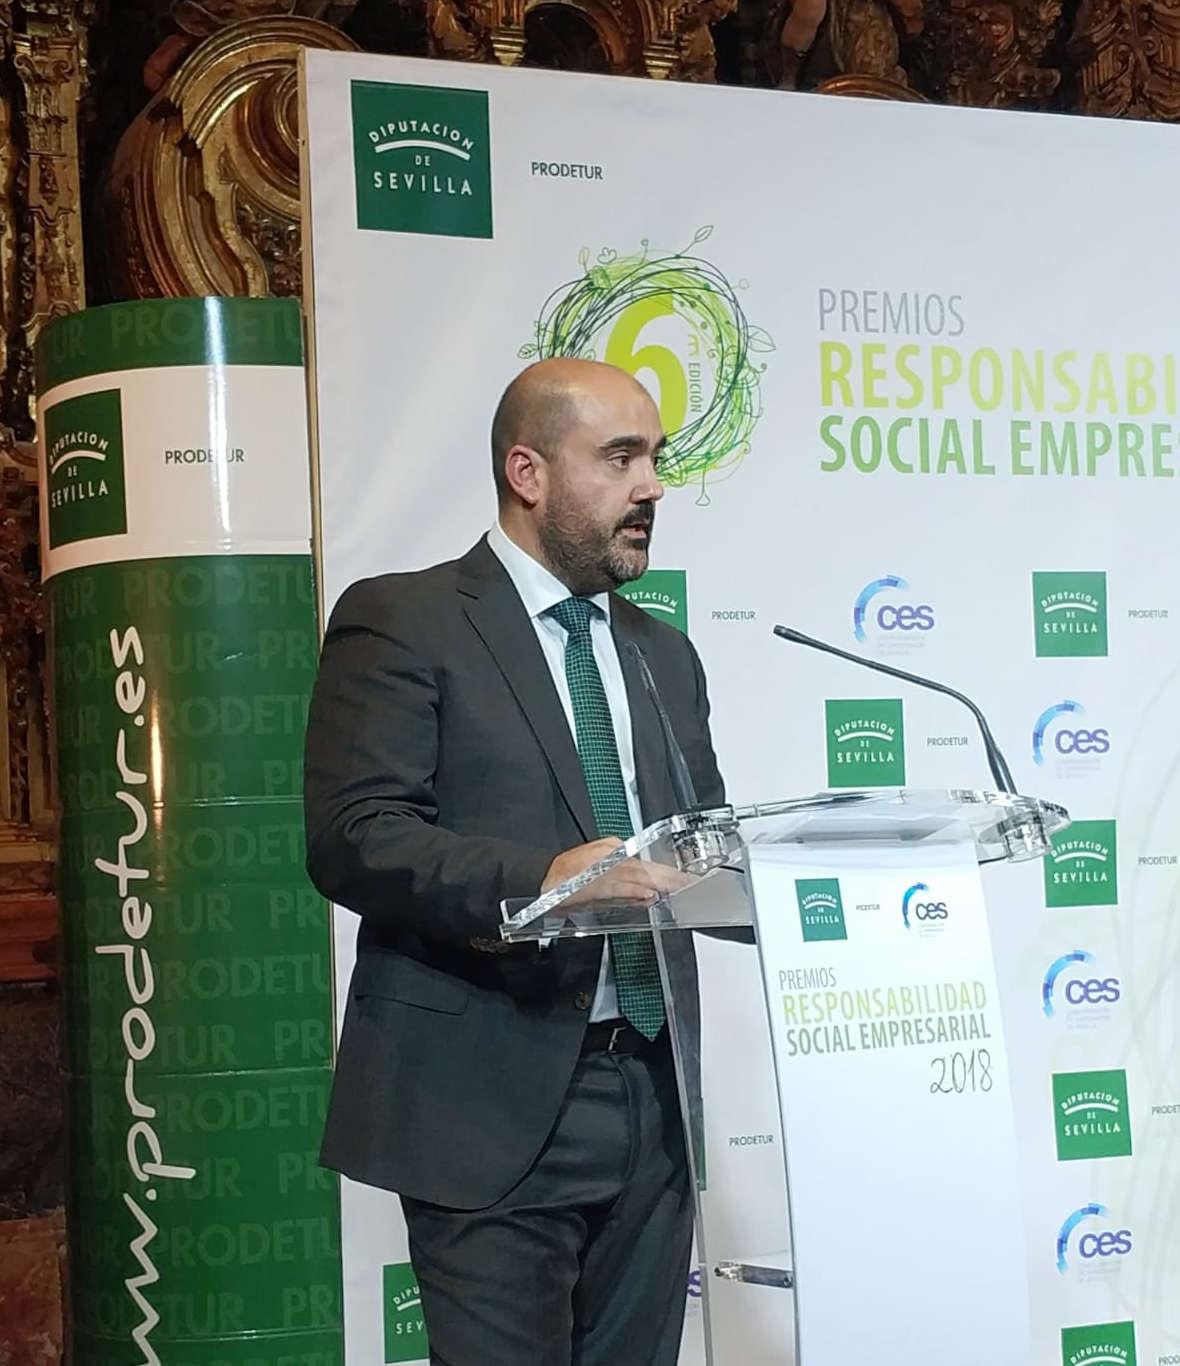 Juan Carlos Rubio en la entrega de premios RSE organizado por CES